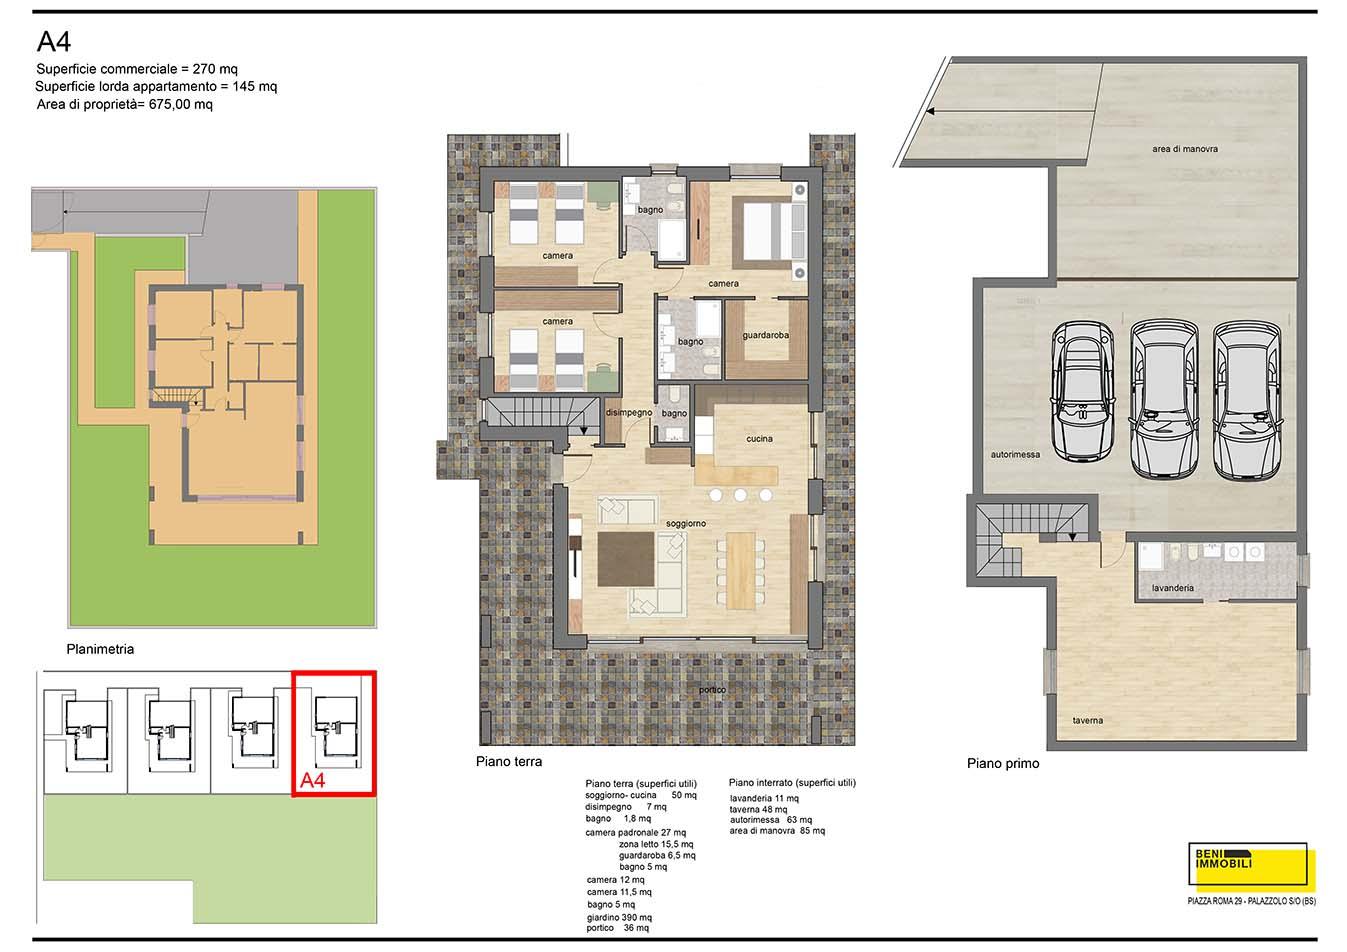 Planimetria villa 2 - esempio